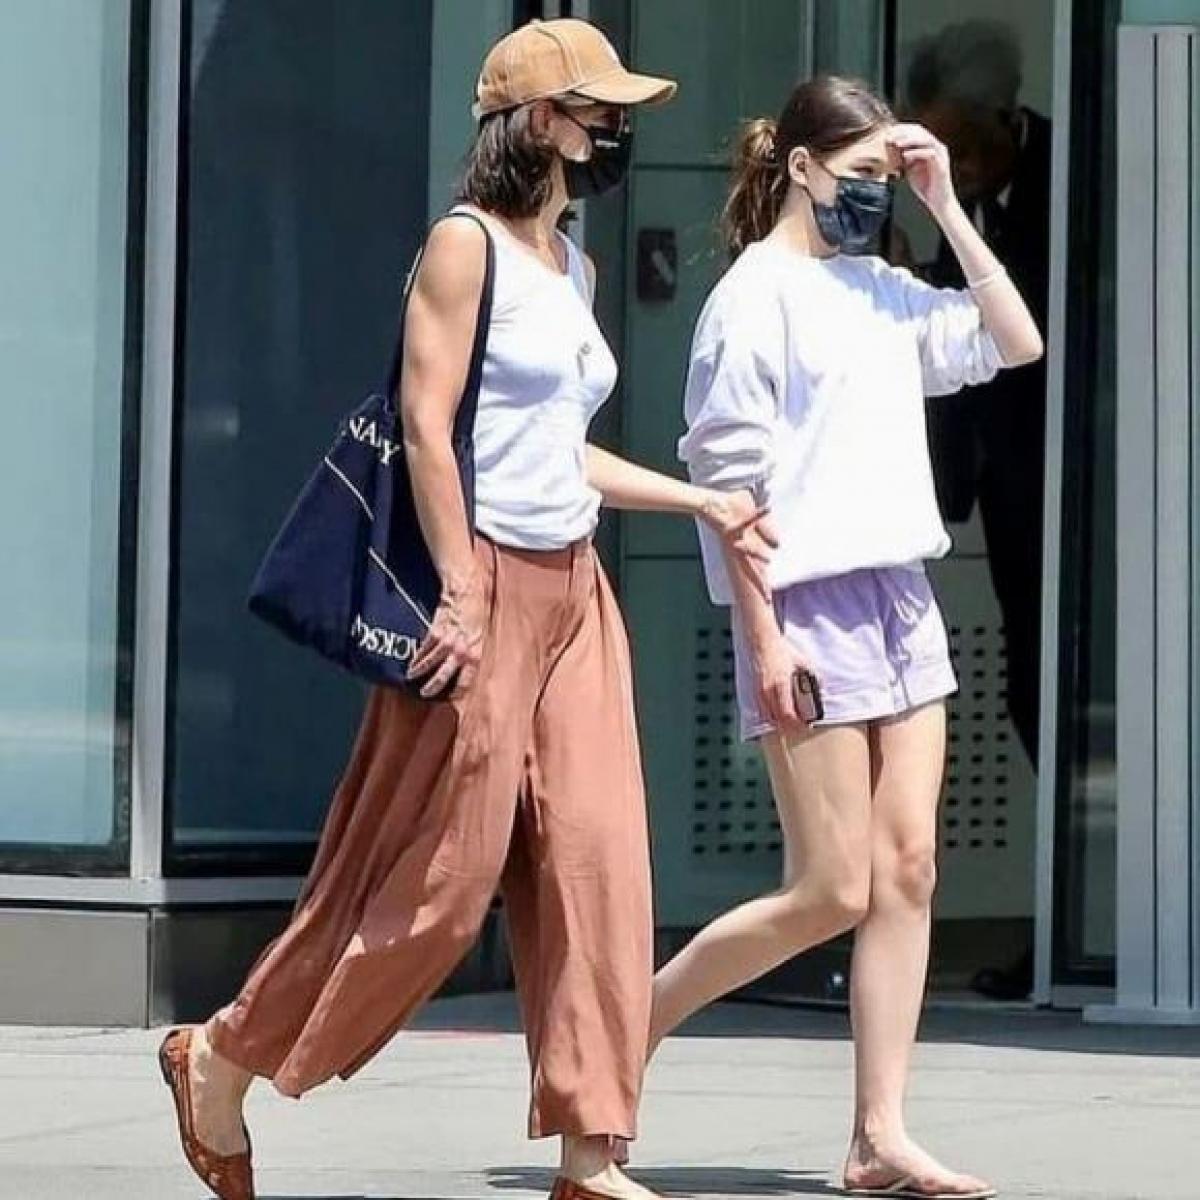 Vợ cũ của Tom Cruise diện áo thun trắng kết hợp cùng quần ống rộng. Nữ diễn viên cắt tóc trẻ trung, sành điệu.